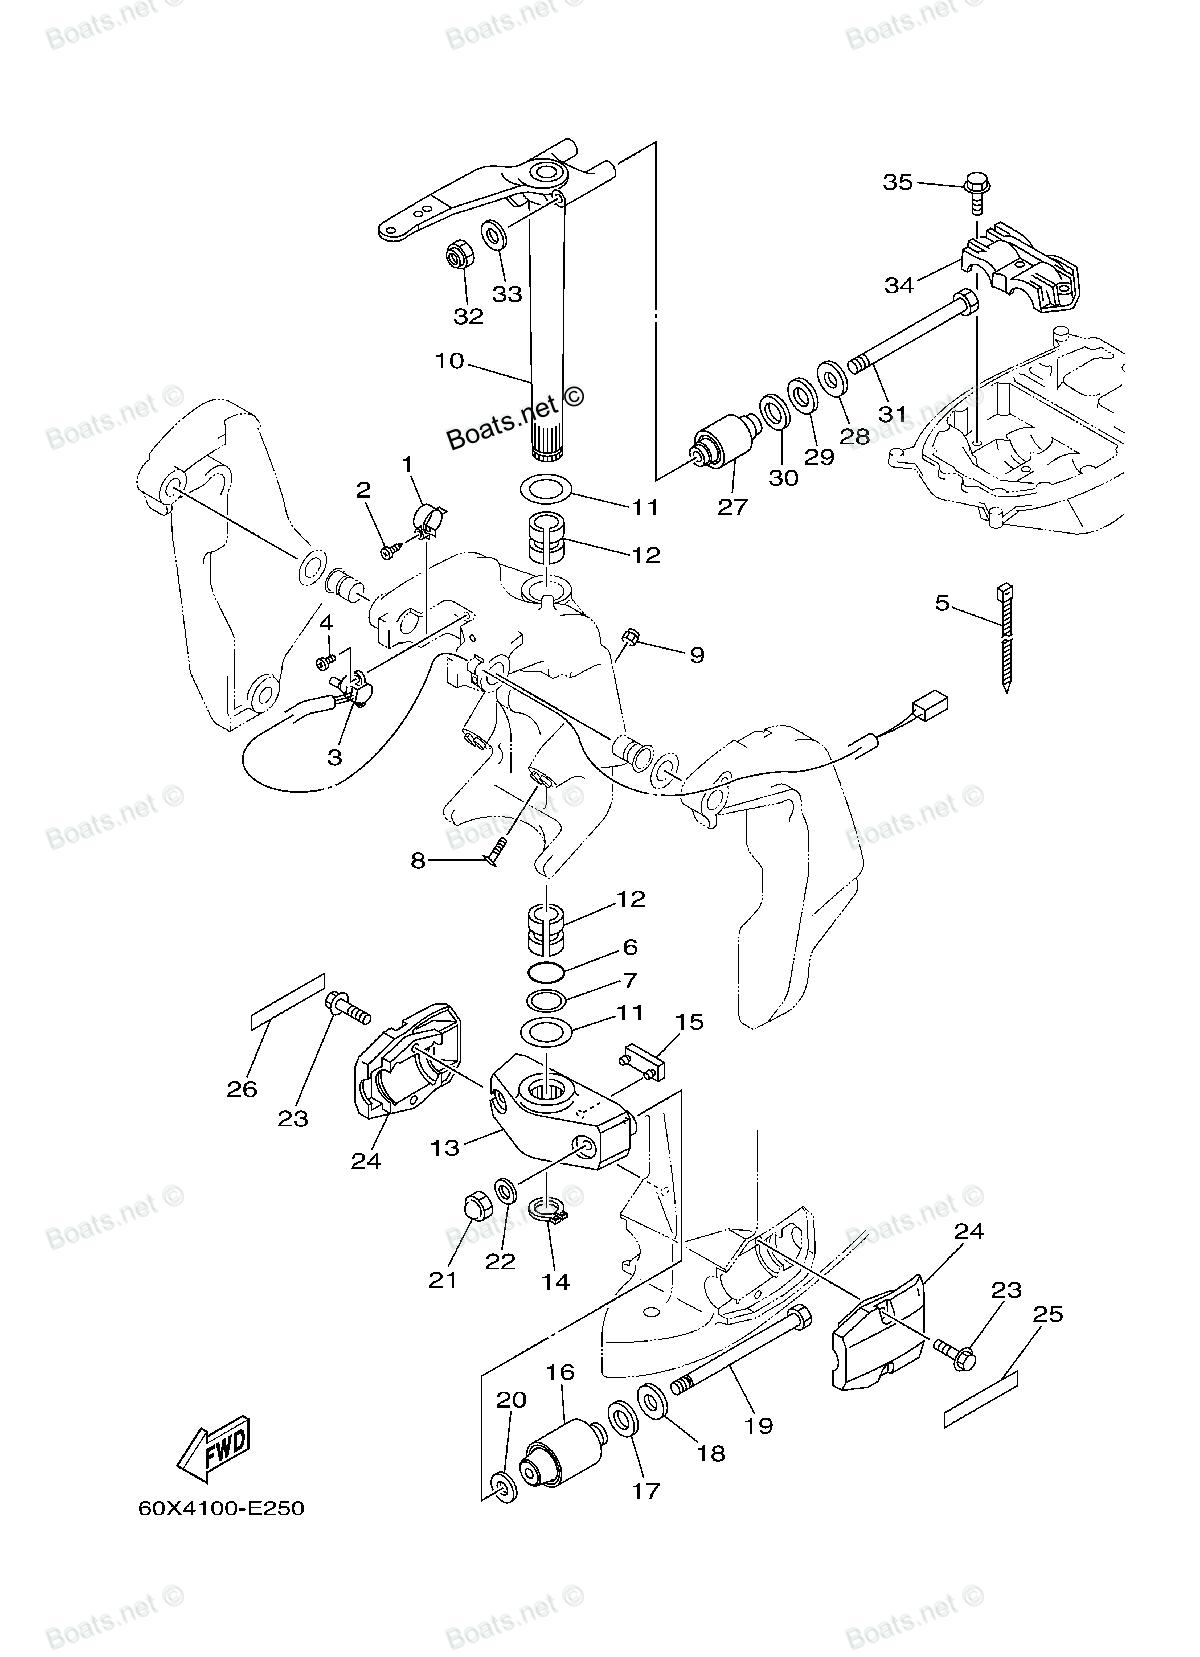 200hp yamaha wiring diagrams 2002  u2022 wiring diagram for free